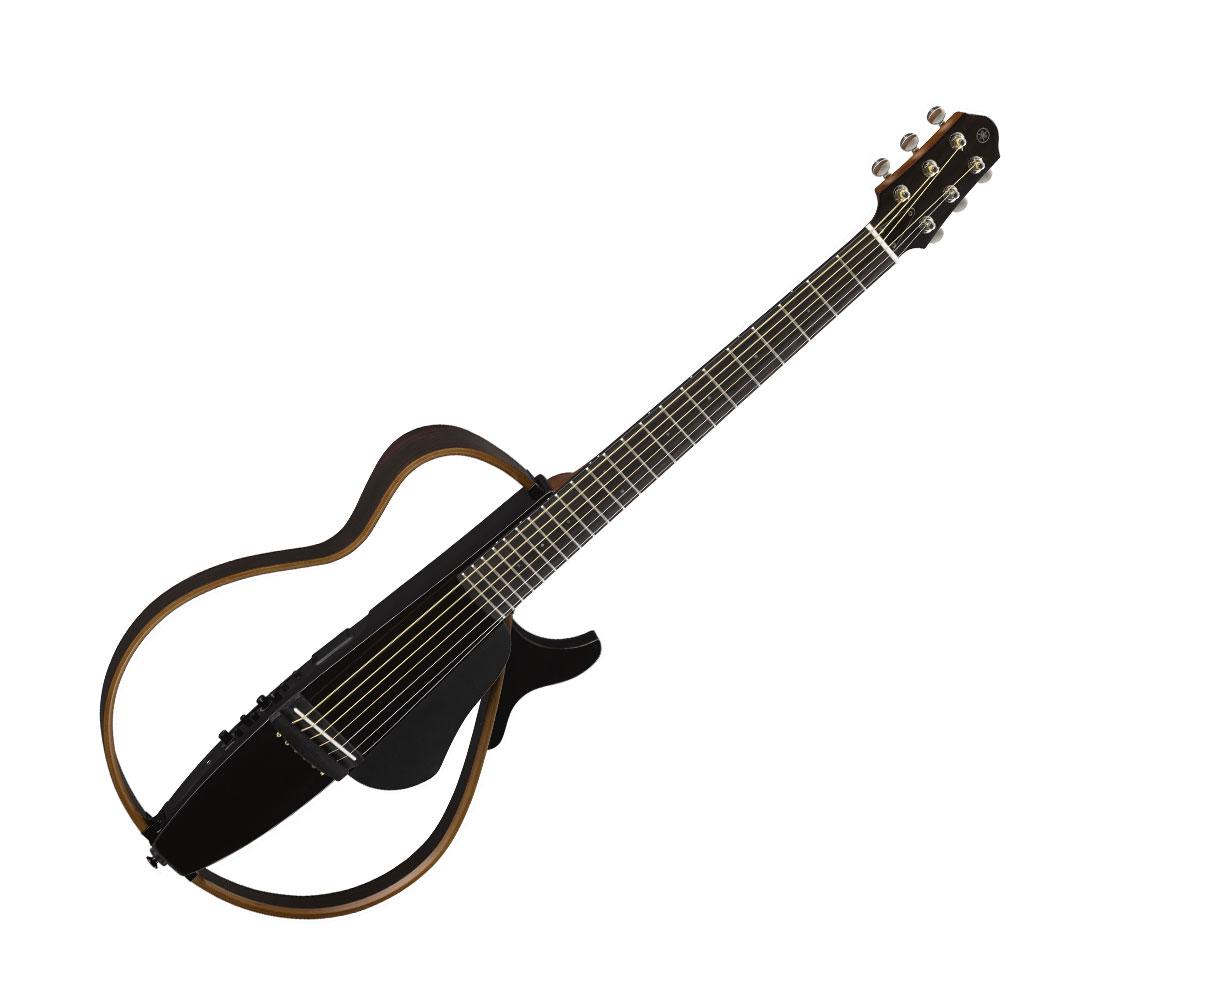 yamaha slg200s steel string silent guitar tobacco. Black Bedroom Furniture Sets. Home Design Ideas